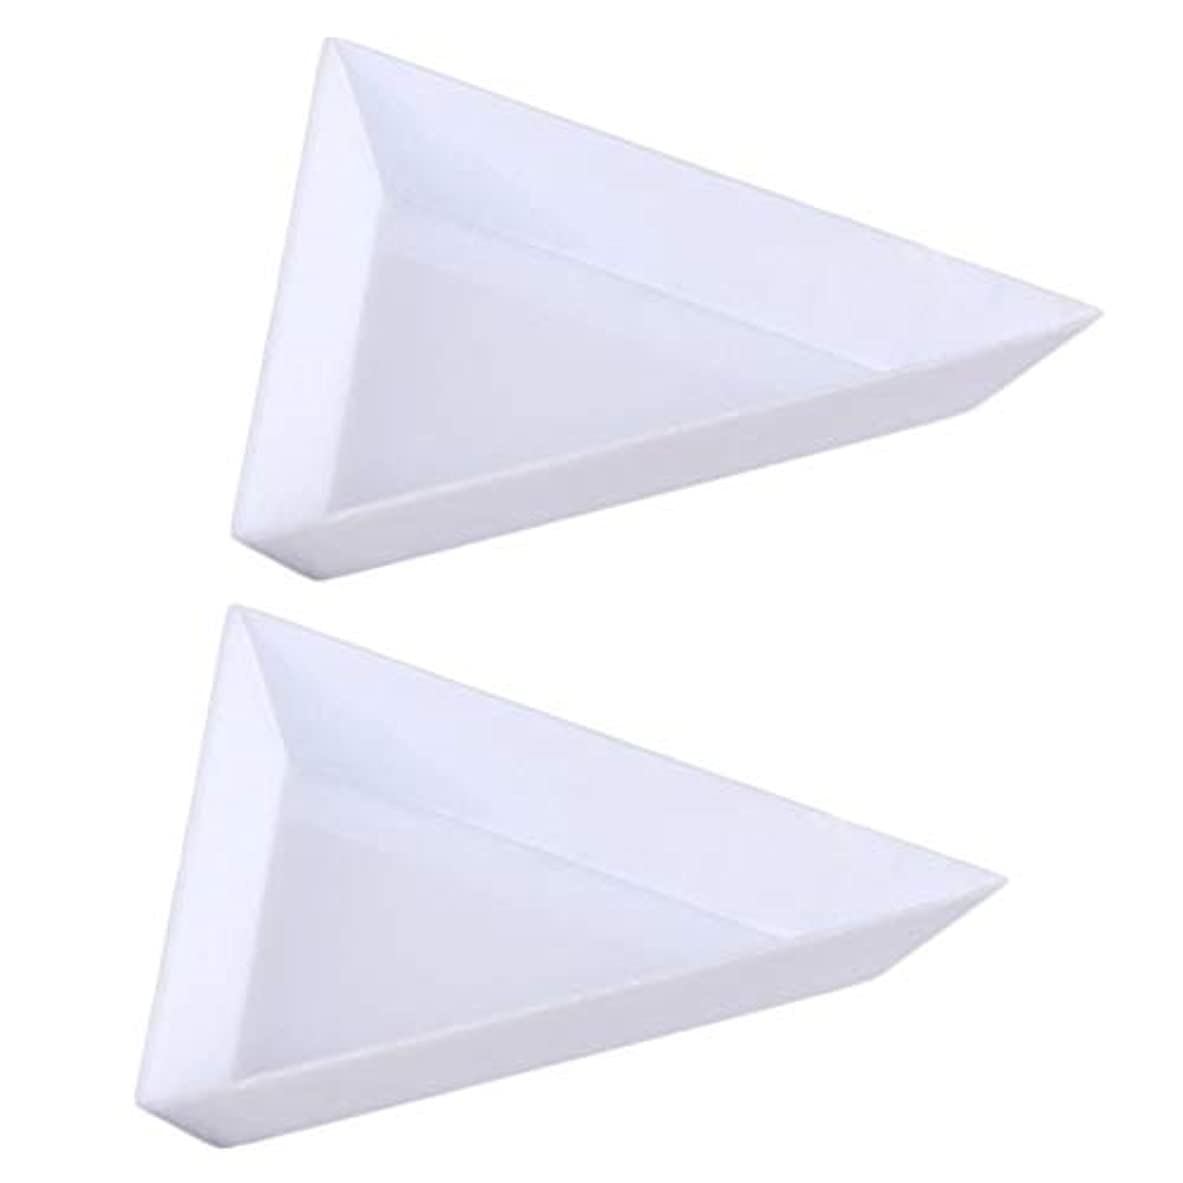 リングマウンド虫を数えるACAMPTAR 10個三角コーナープラスチックラインストーンビーズ 結晶 ネイルアートソーティングトレイアクセサリー白 DiyネイルアートデコレーションDotting収納トレイ オーガニゼーションに最適